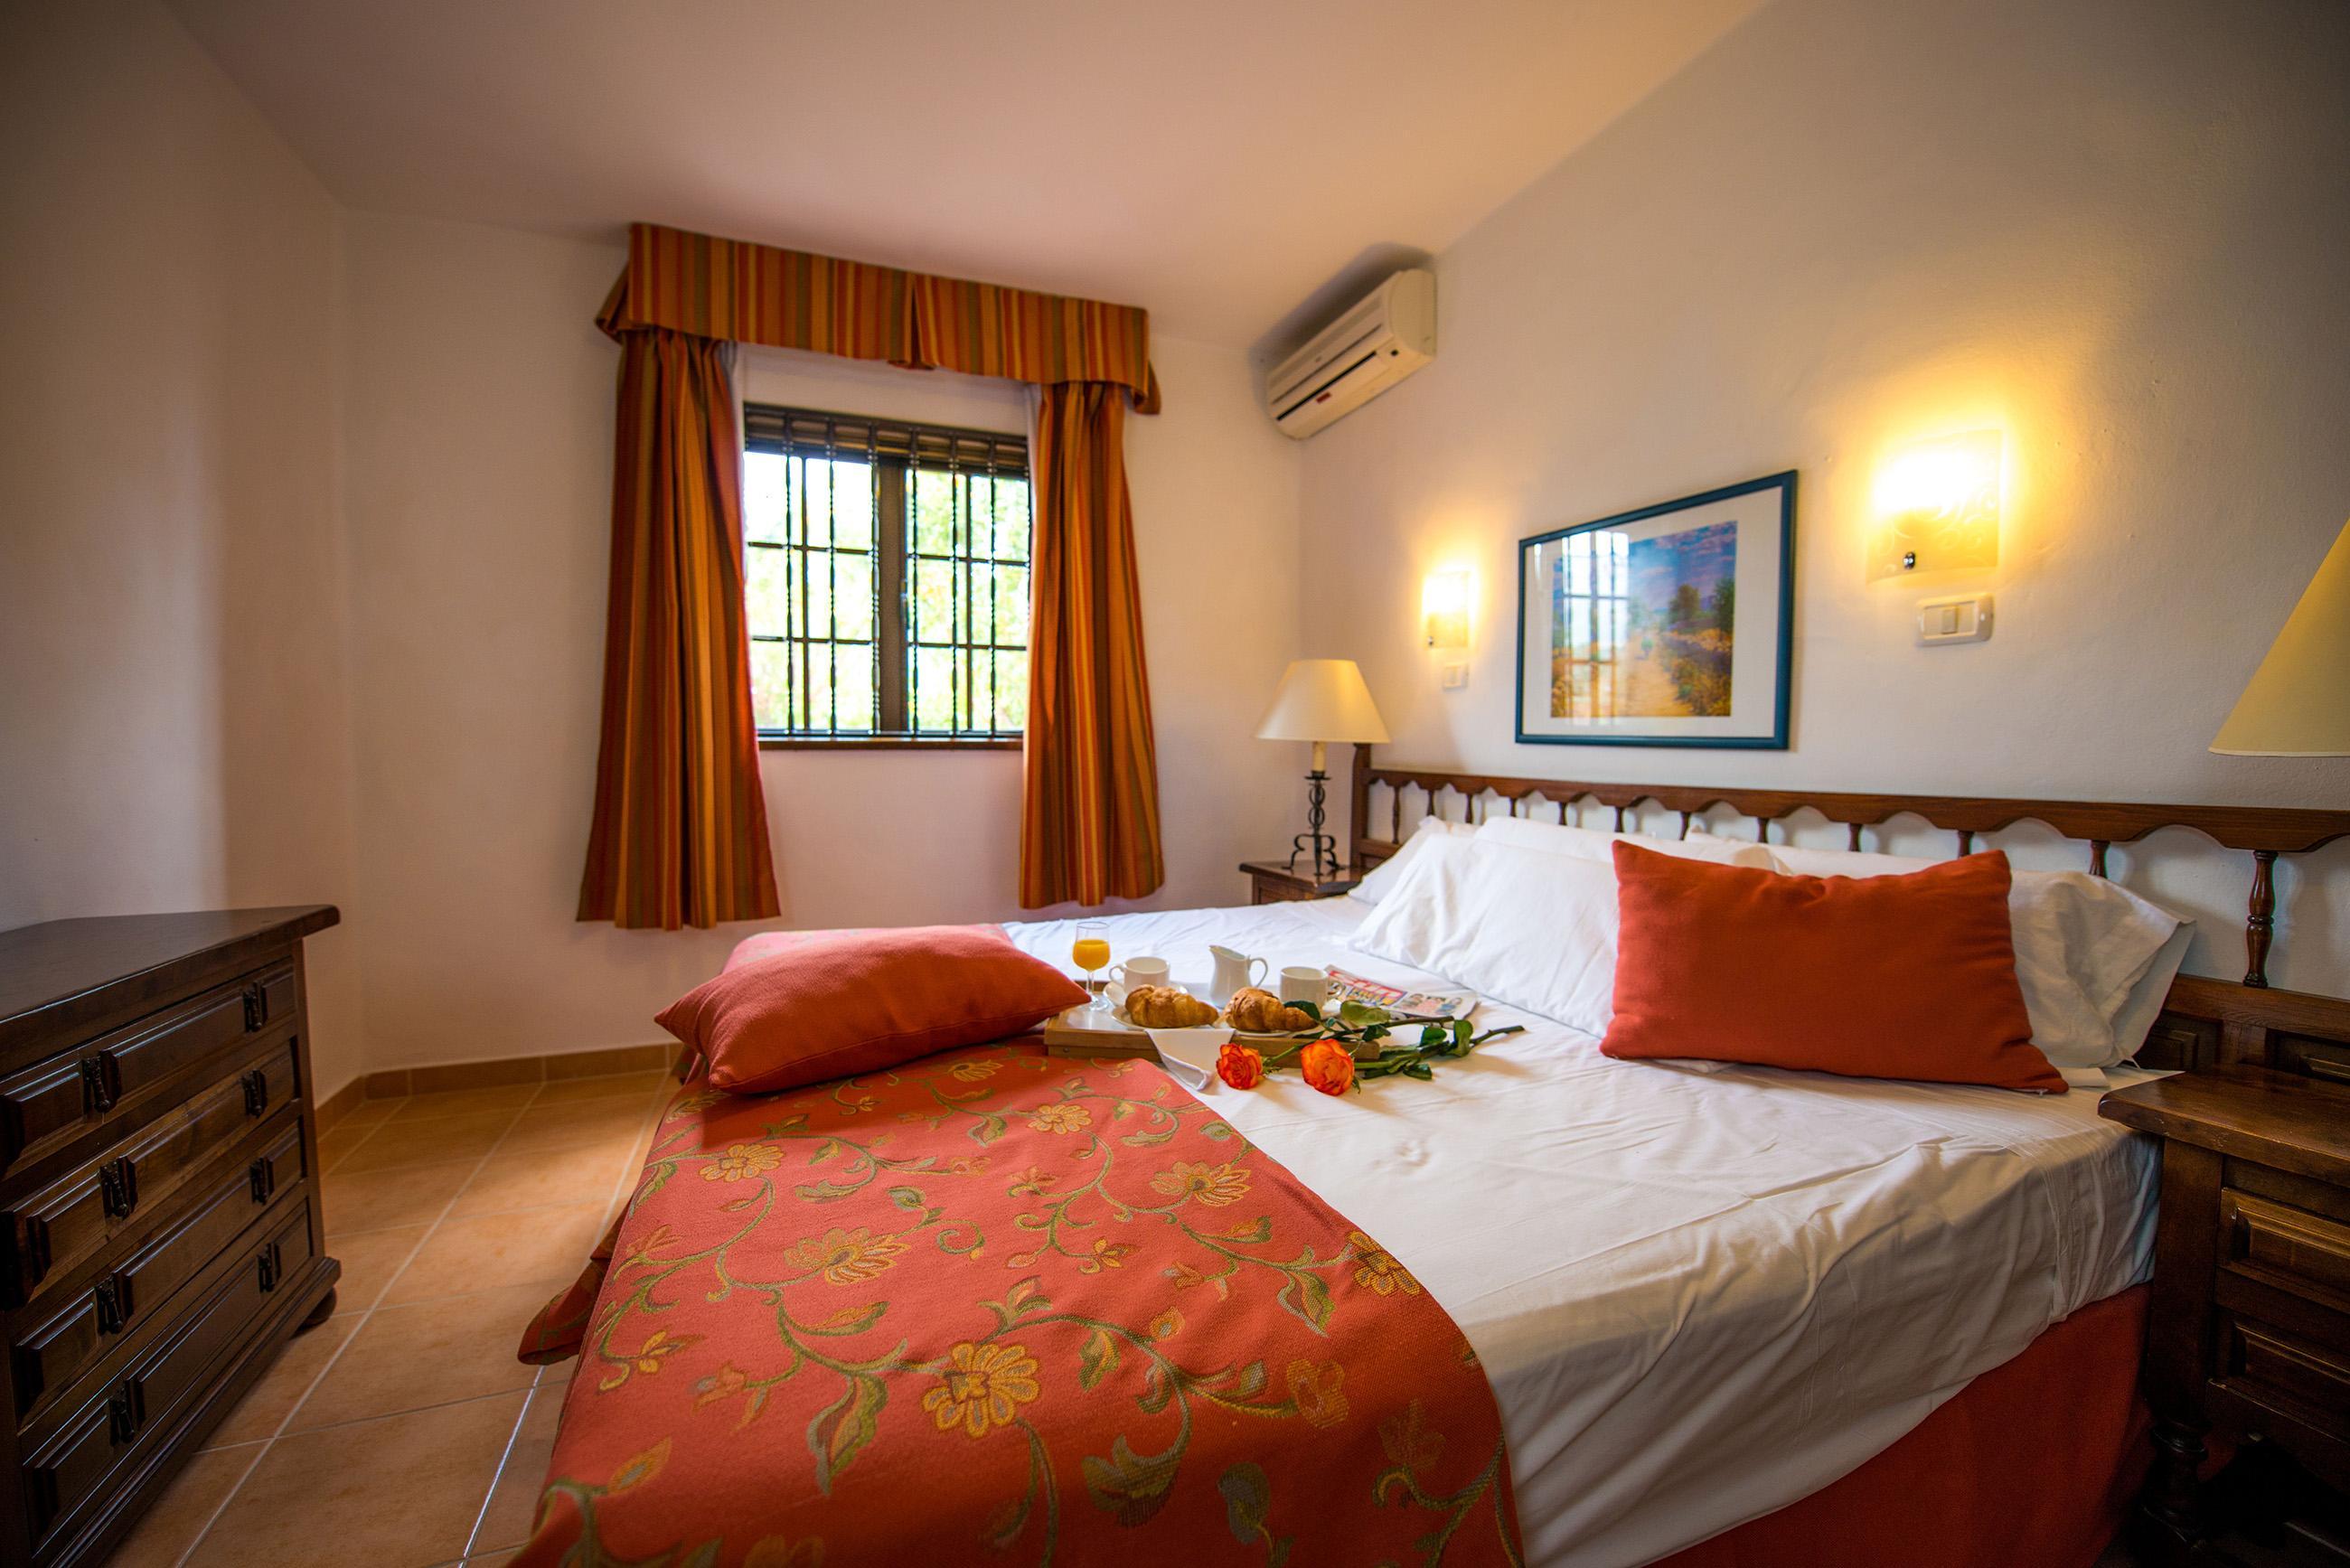 海洋夢想濱海Spa酒店, 普拉亞布蘭卡 - 比較優惠